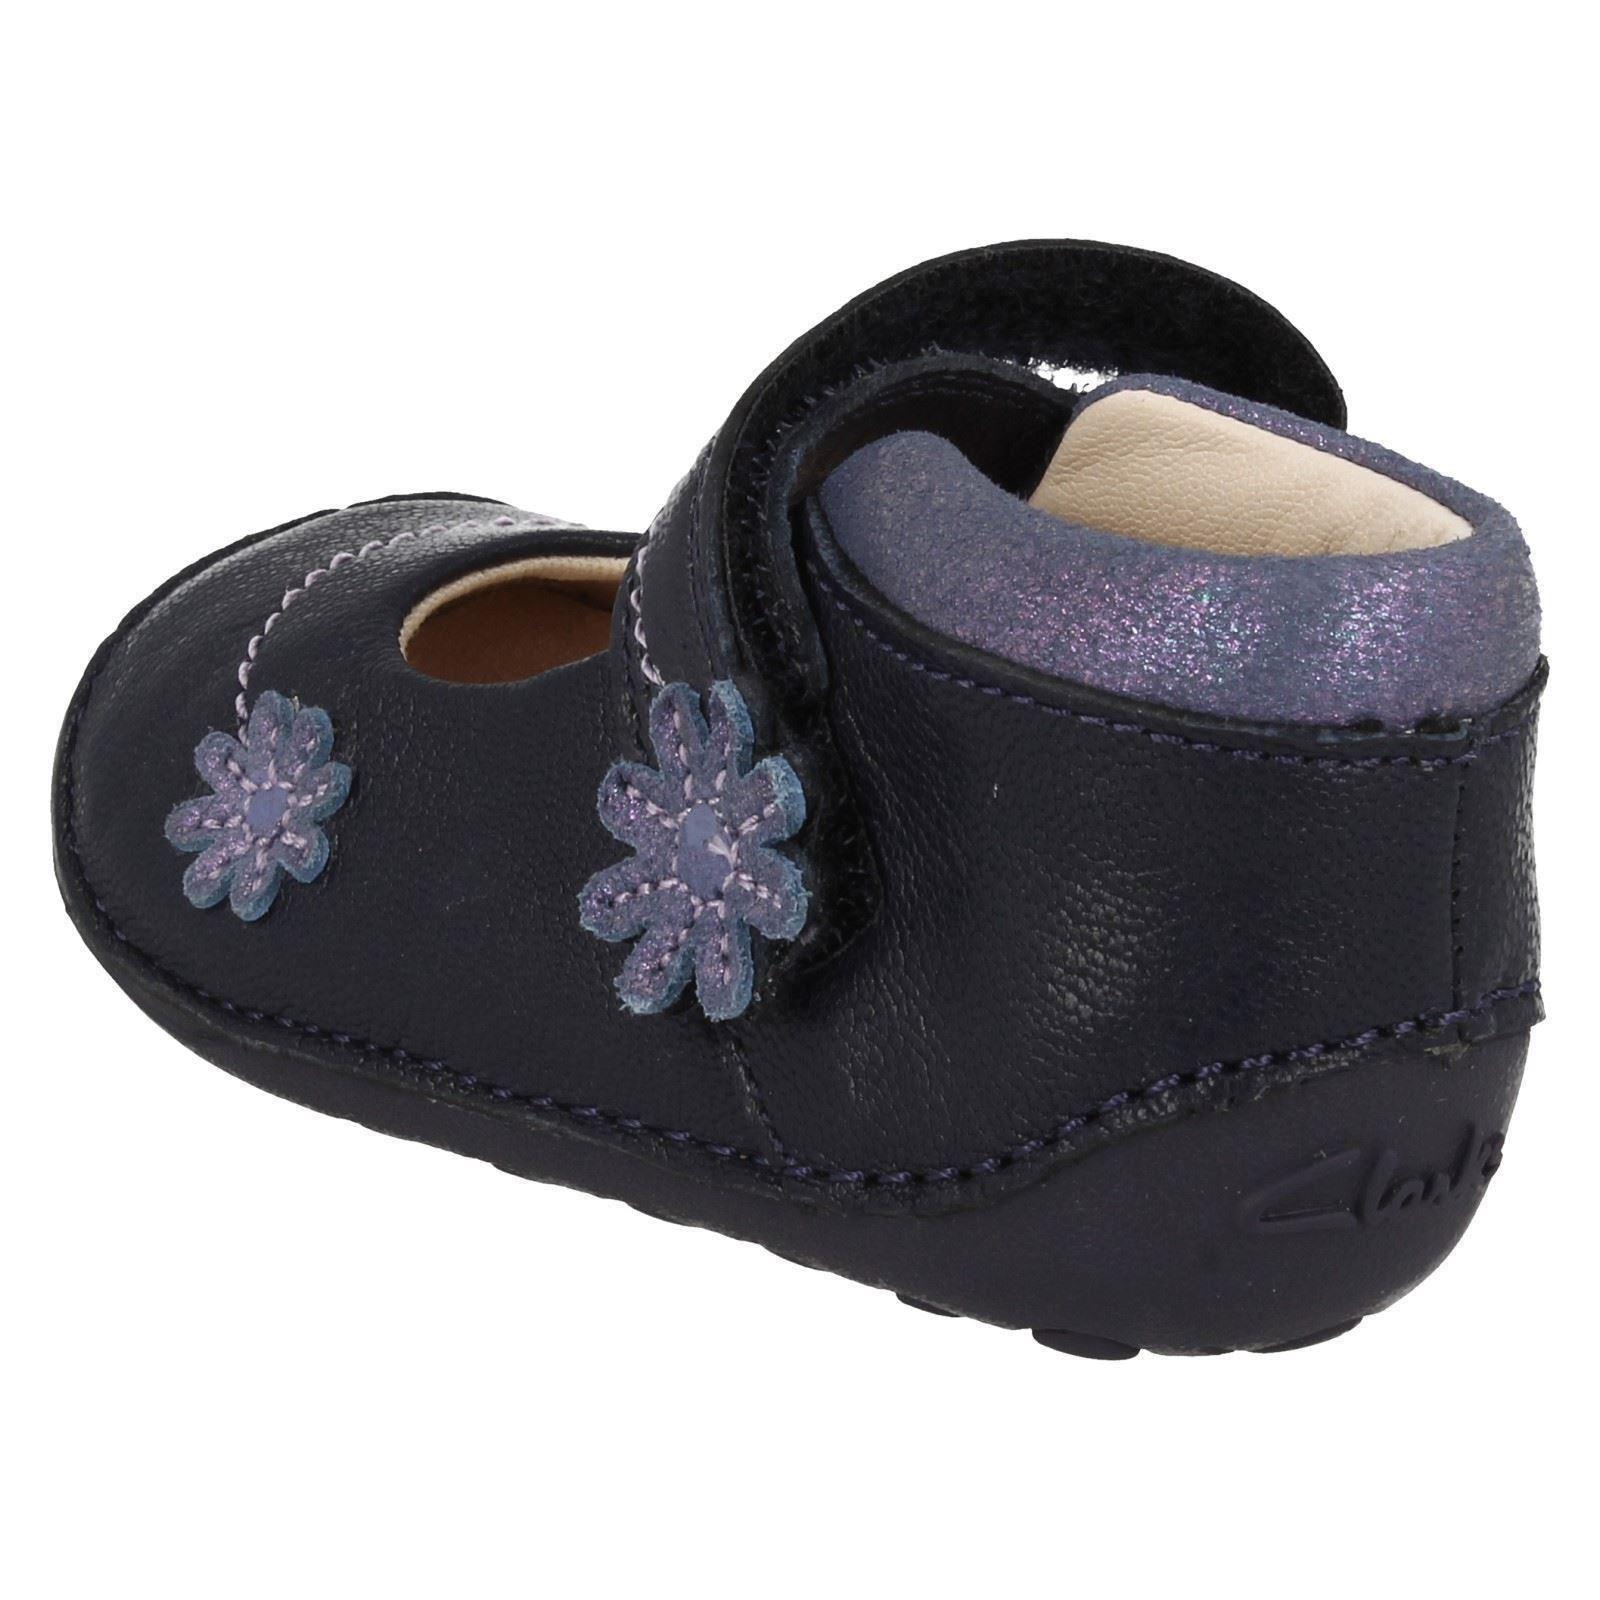 Clarks Girls First Shoes Little Fizzi